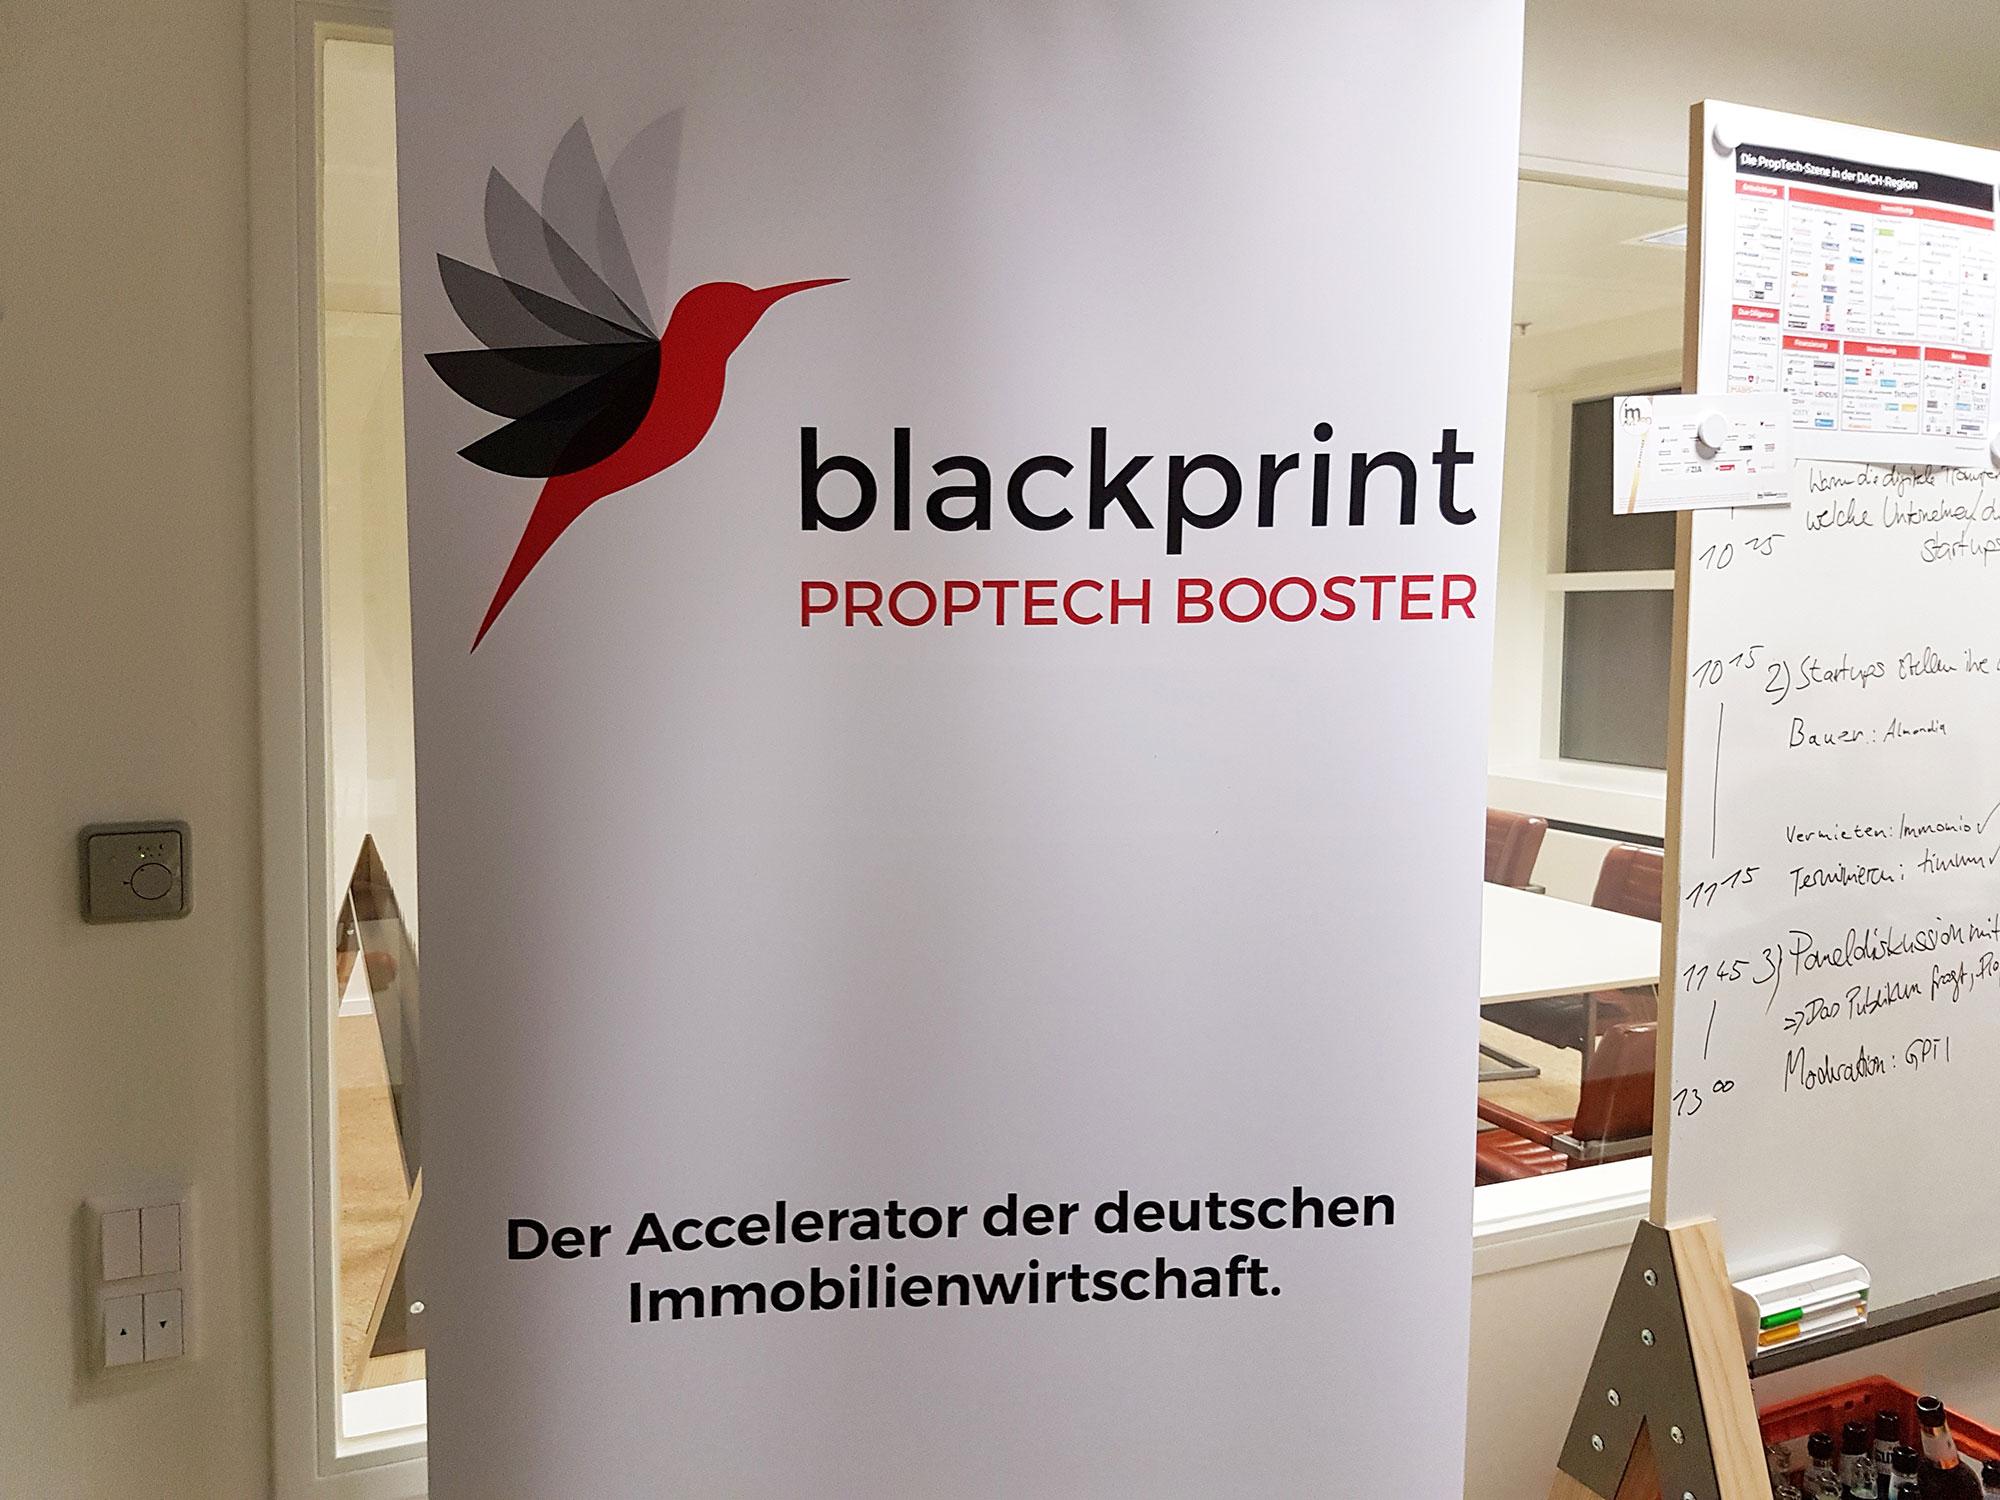 BlackPrint Proptech Booster - Proptech Frankfurt - Frankfurt Proptech - Poster - FFM Startups